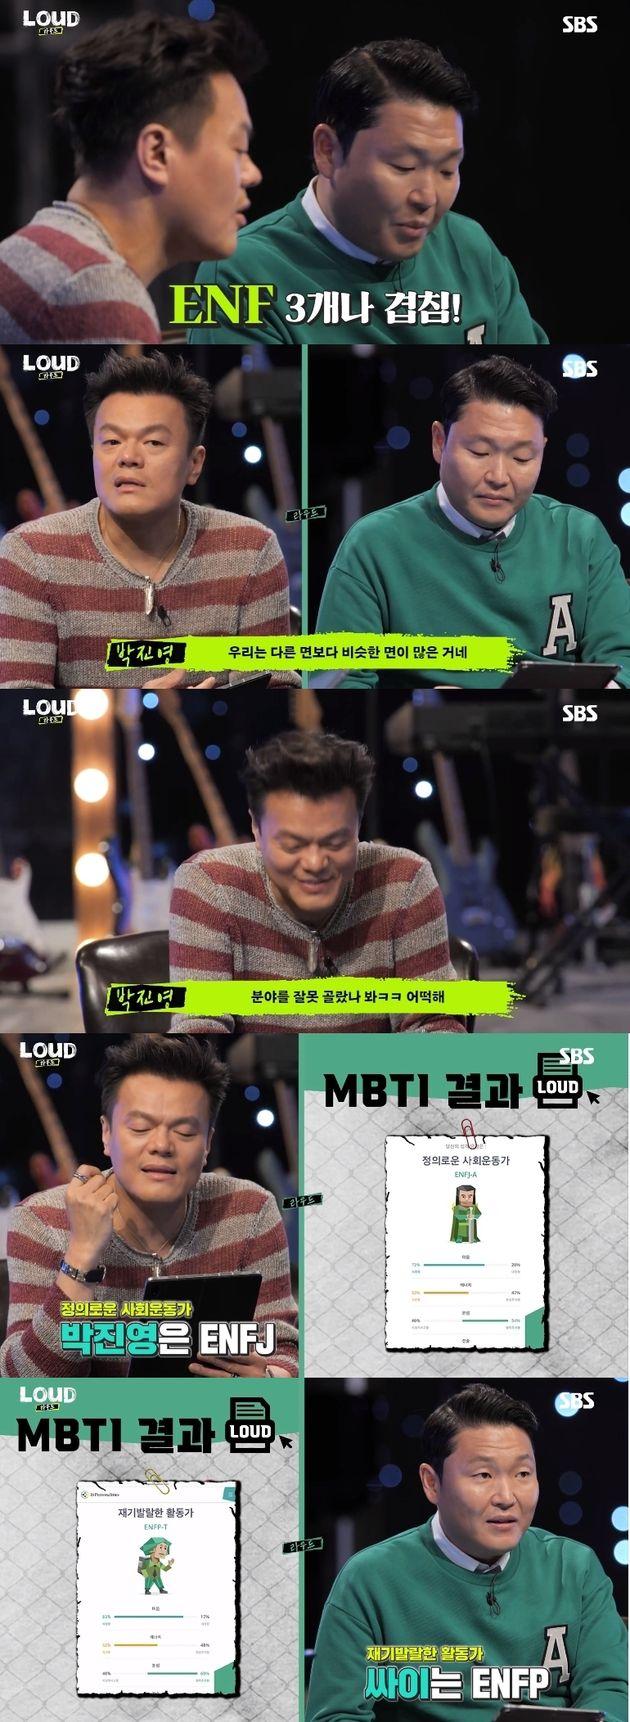 'LOUD:라우드' 선공개 영상